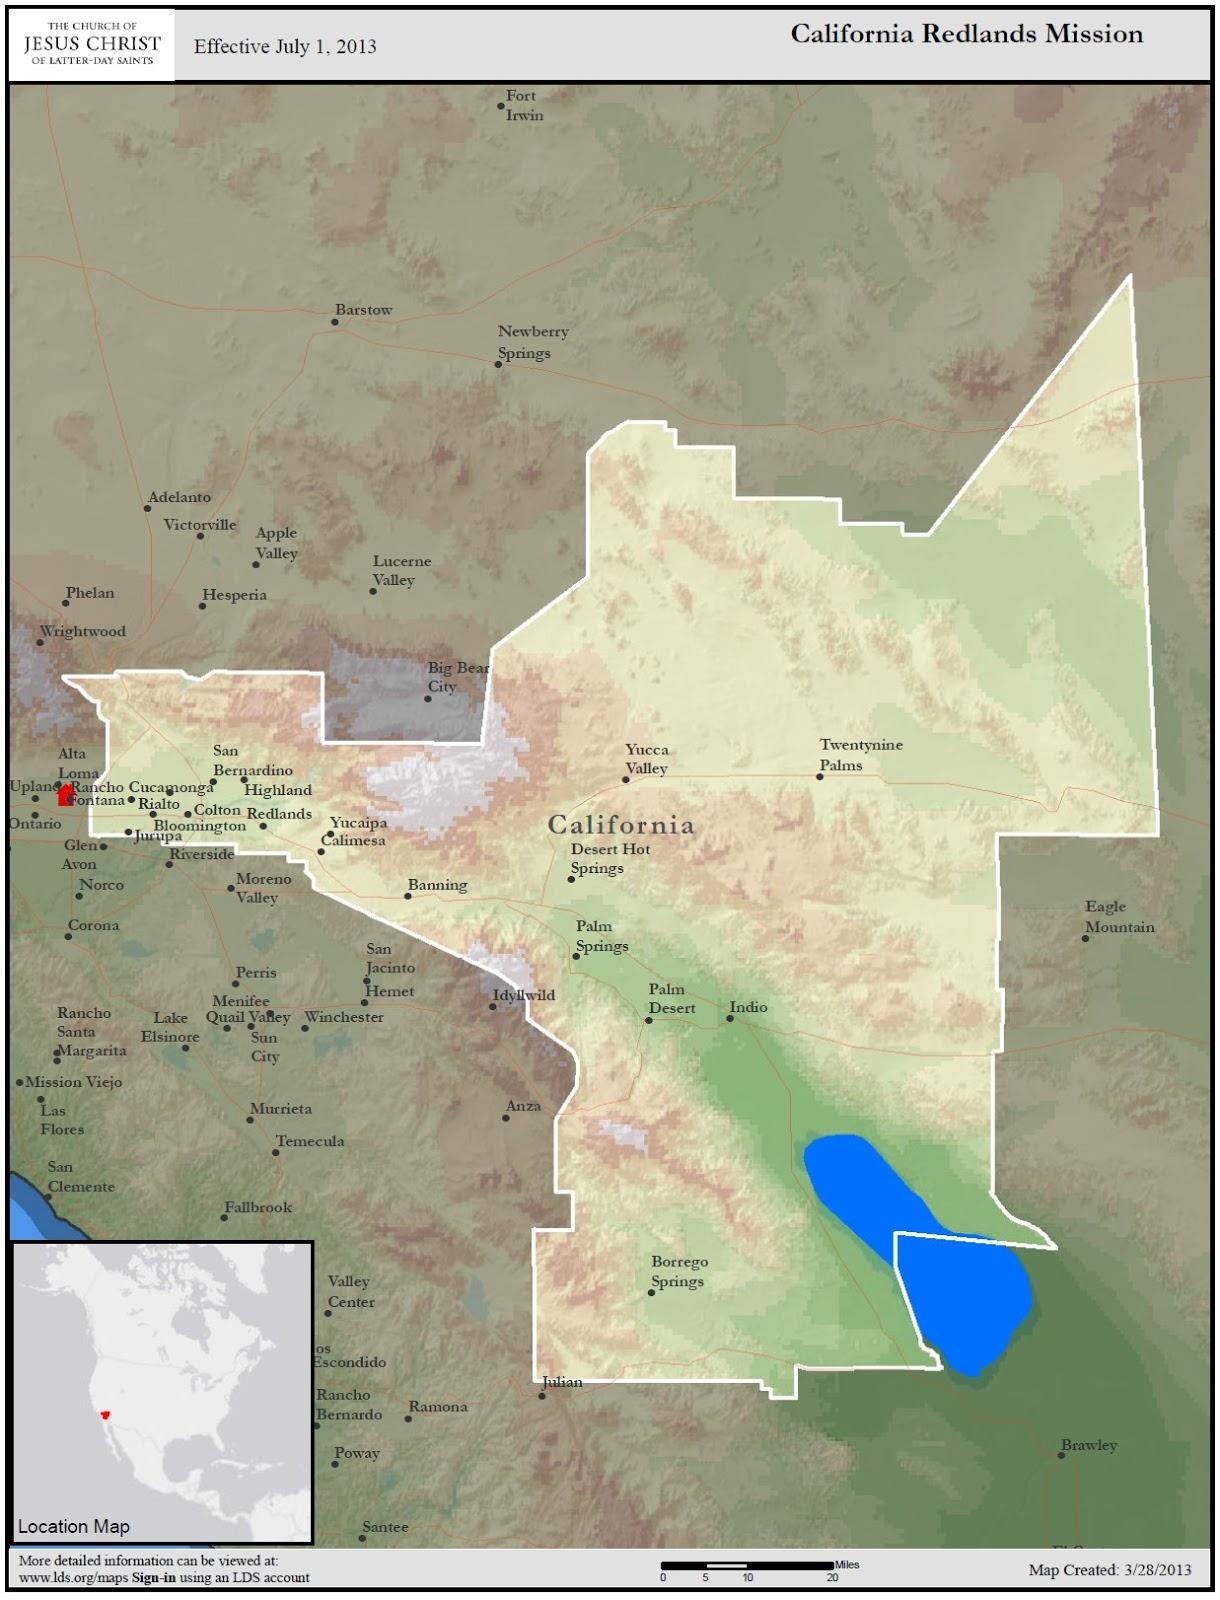 California Redlands Mission California Redlands Mission Map - California missions map